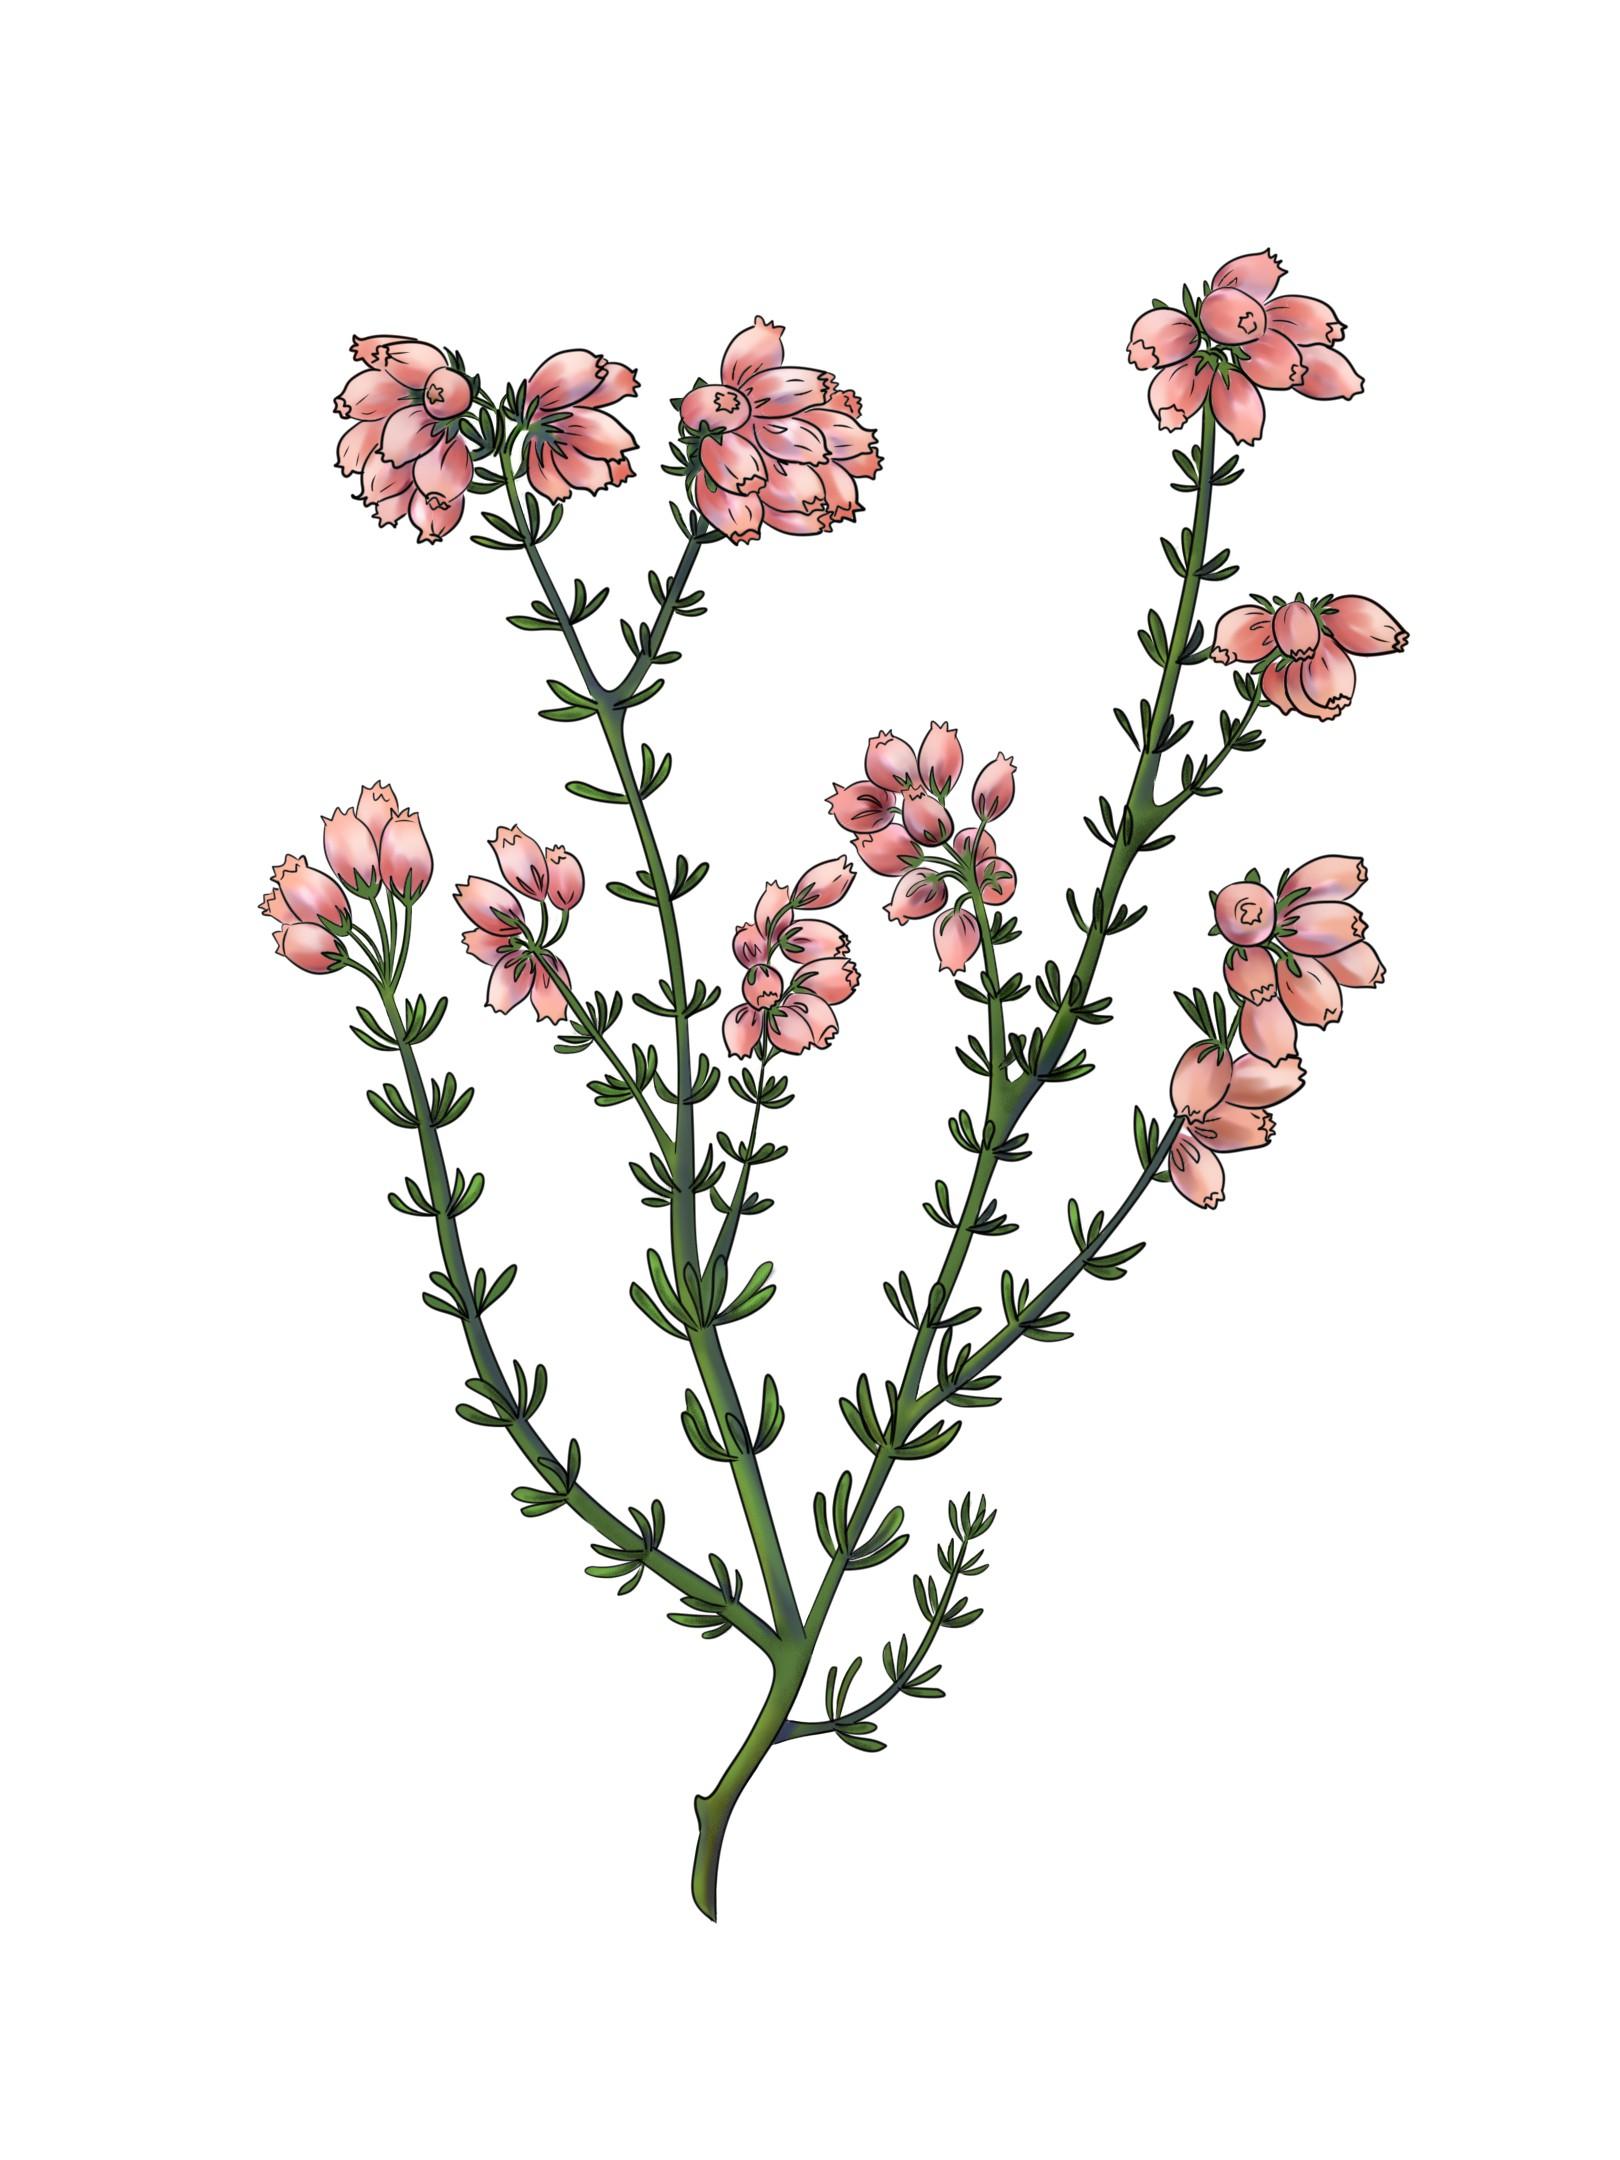 'Erica Tetralix' botanical illustration